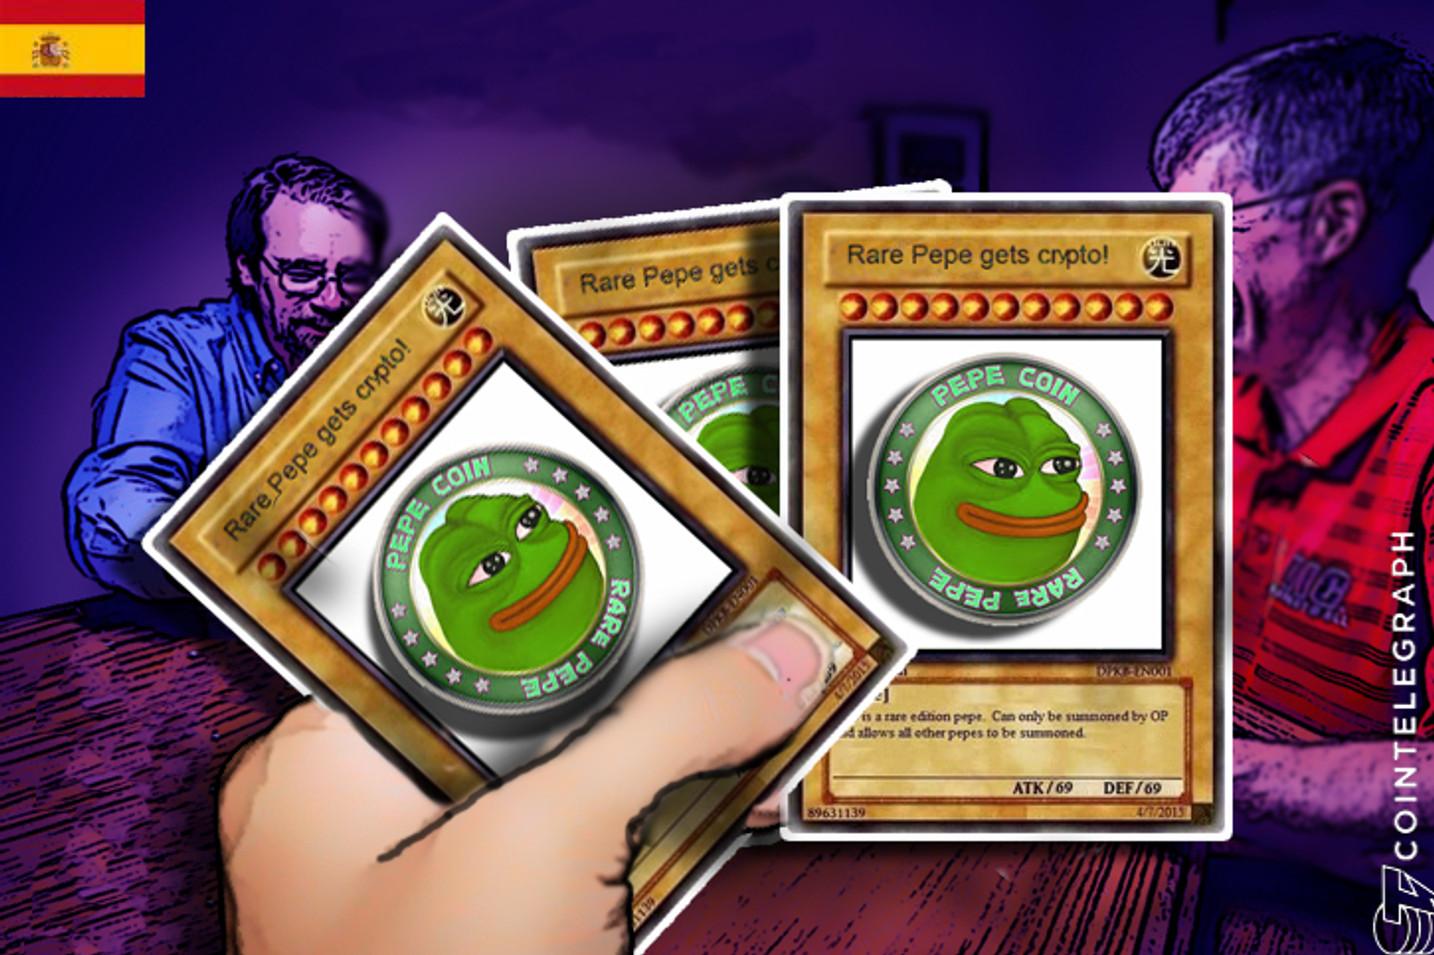 Las cartas digitales de Rare Pepe siguen ganando terreno